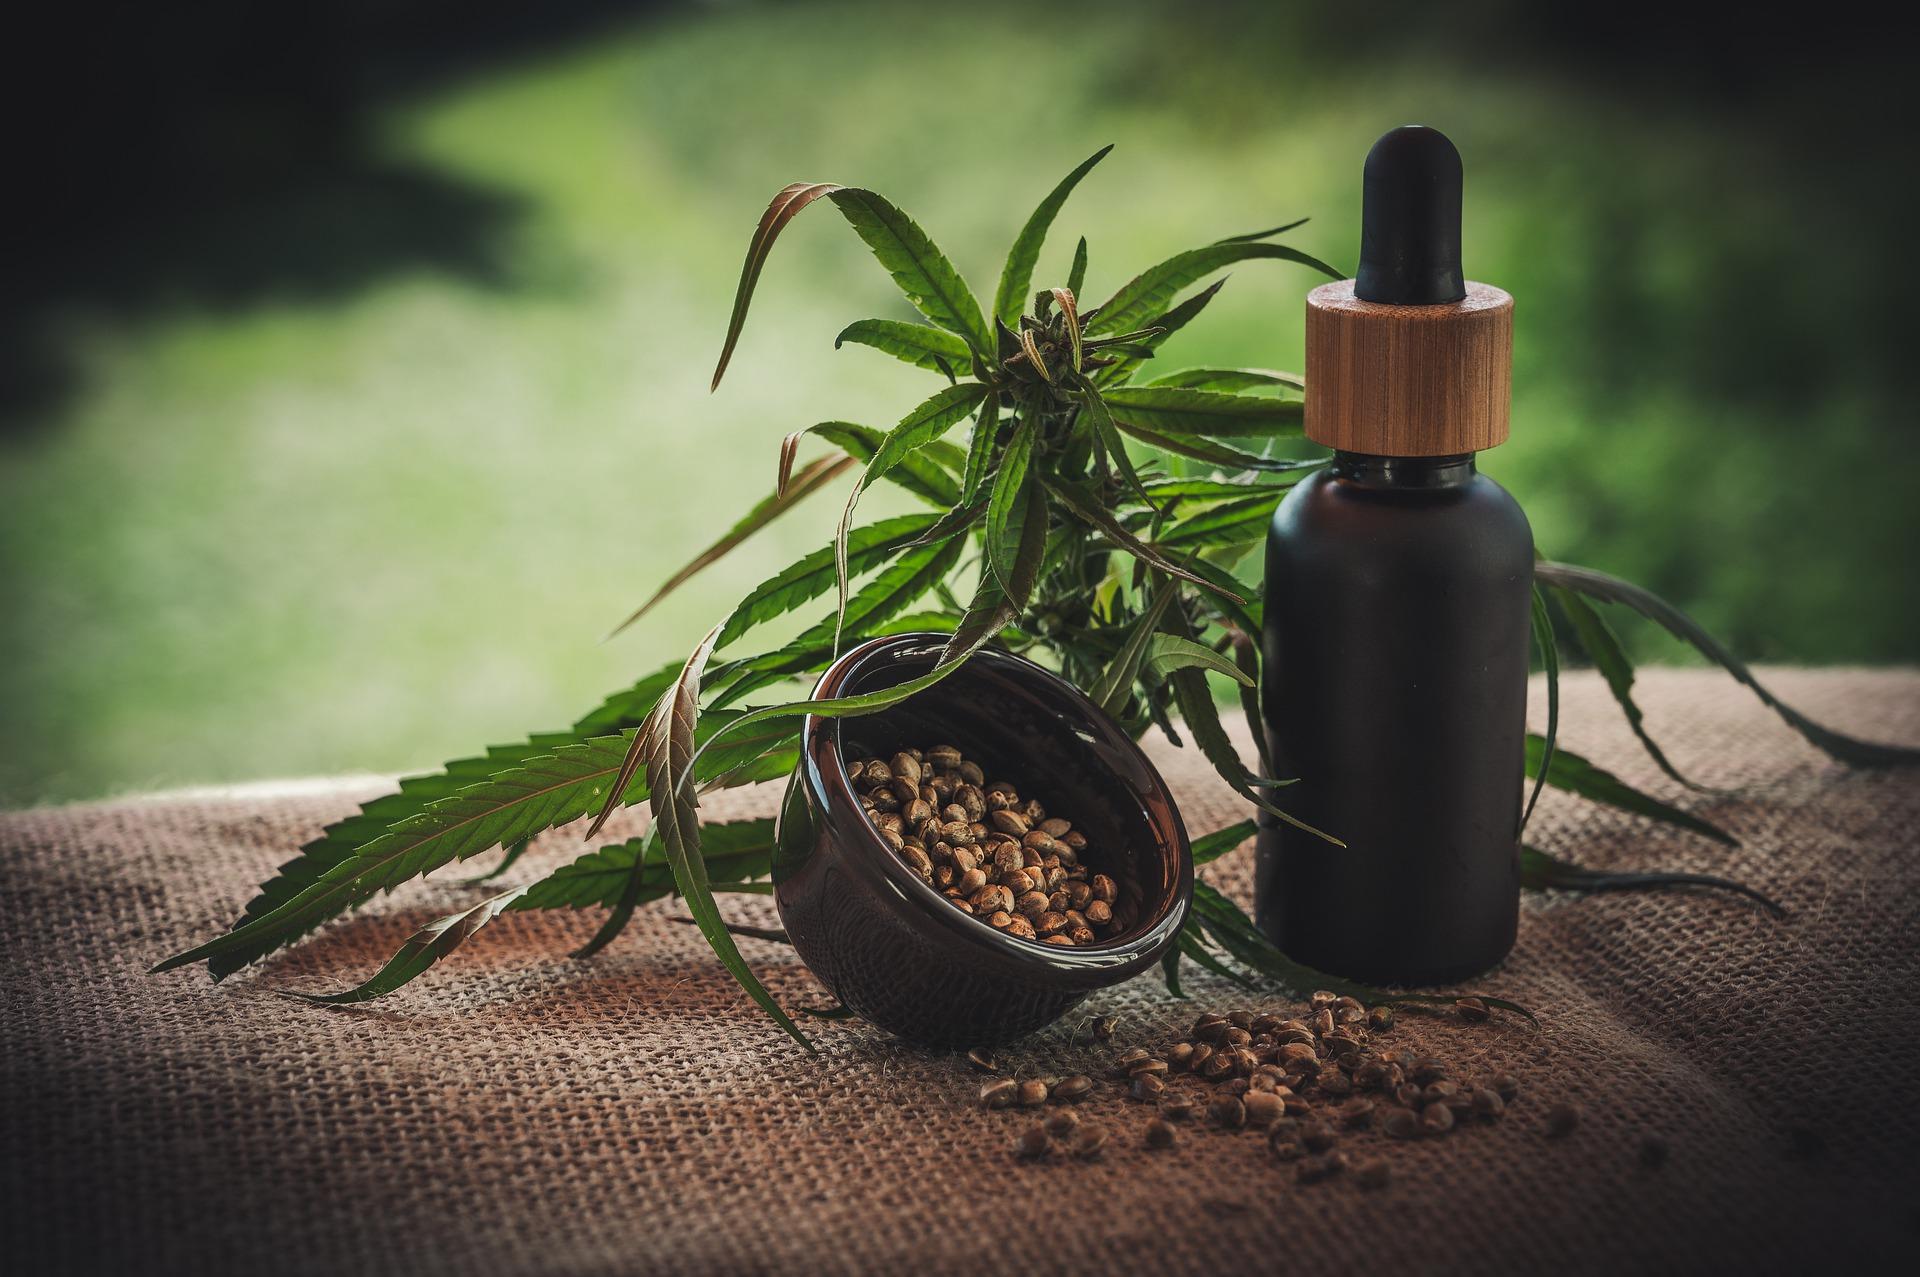 Konopí seté lze zužitkovat k výrobě tinktur, mastí anebo olejů.